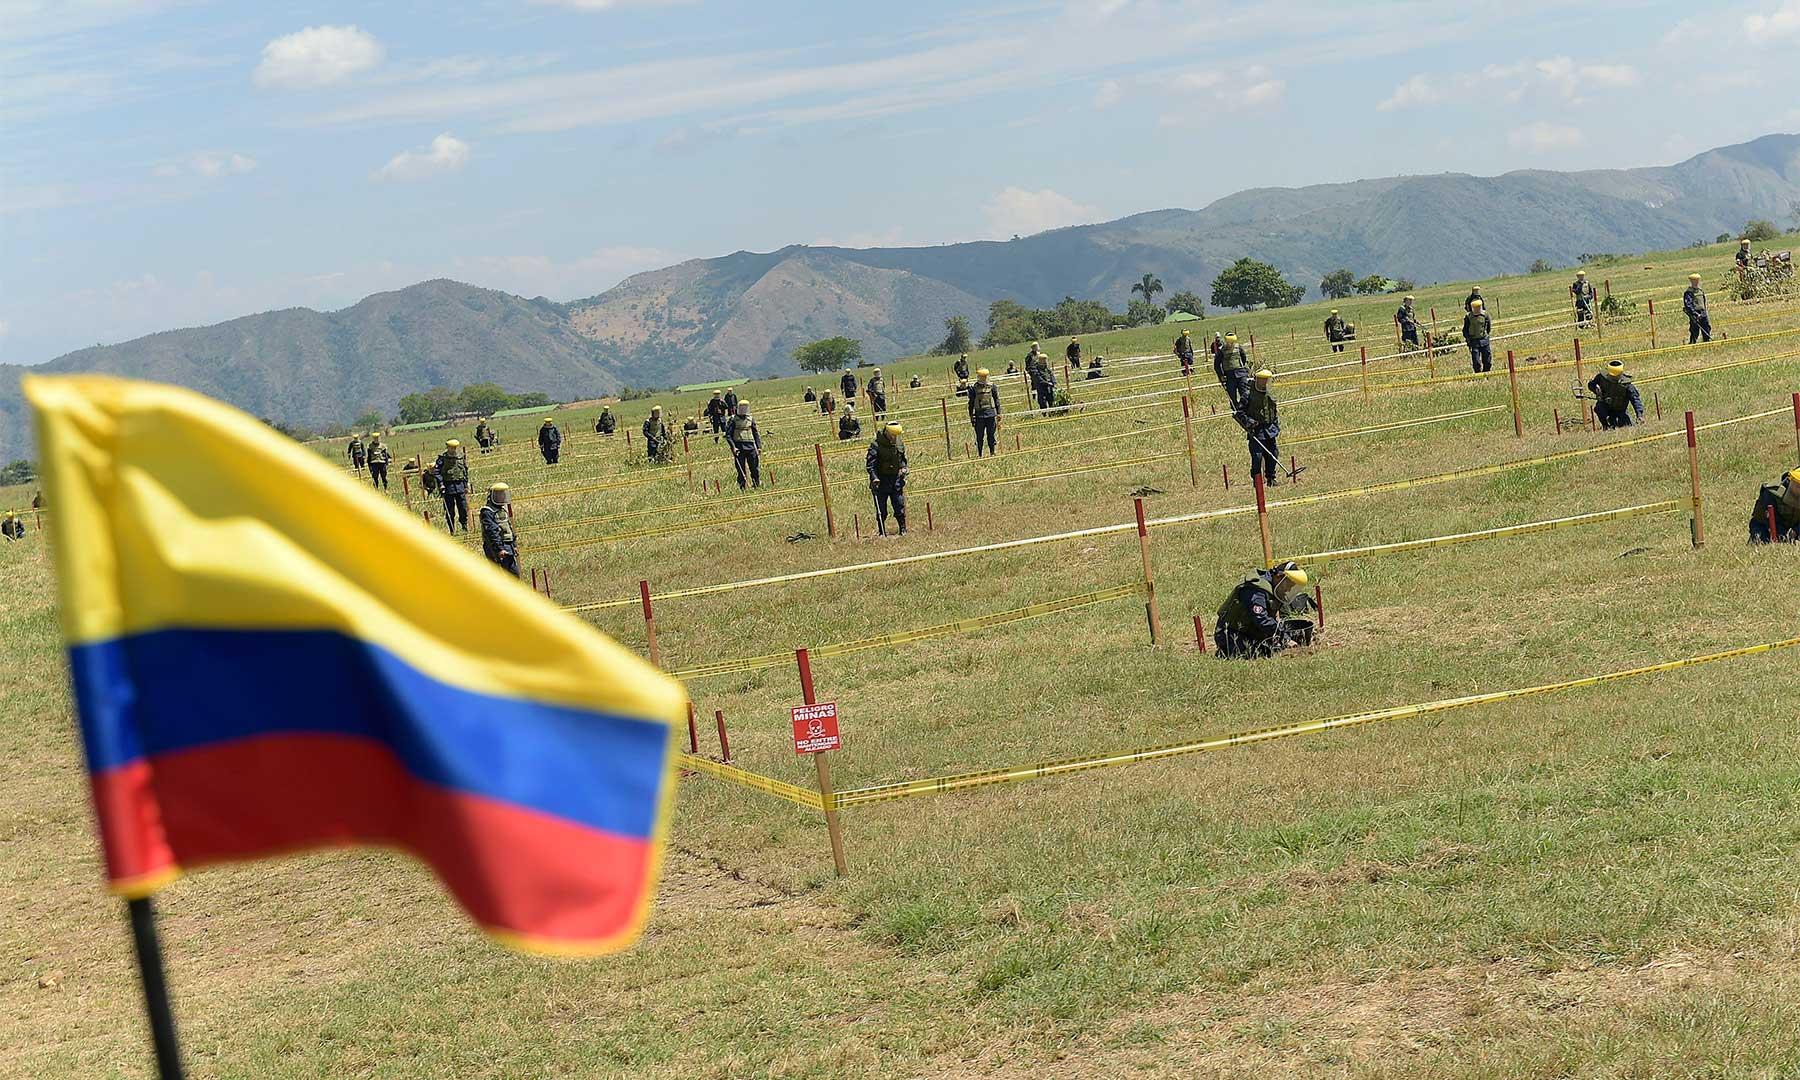 Este sábado, en el Día del Ejército Nacional, el Presidente Juan Manuel Santos activó la Brigada de Ingenieros de Desminado Humanitario compuesta, inicialmente, por 2.500 hombres y que el año próximo dispondrá de 10 mil miembros.